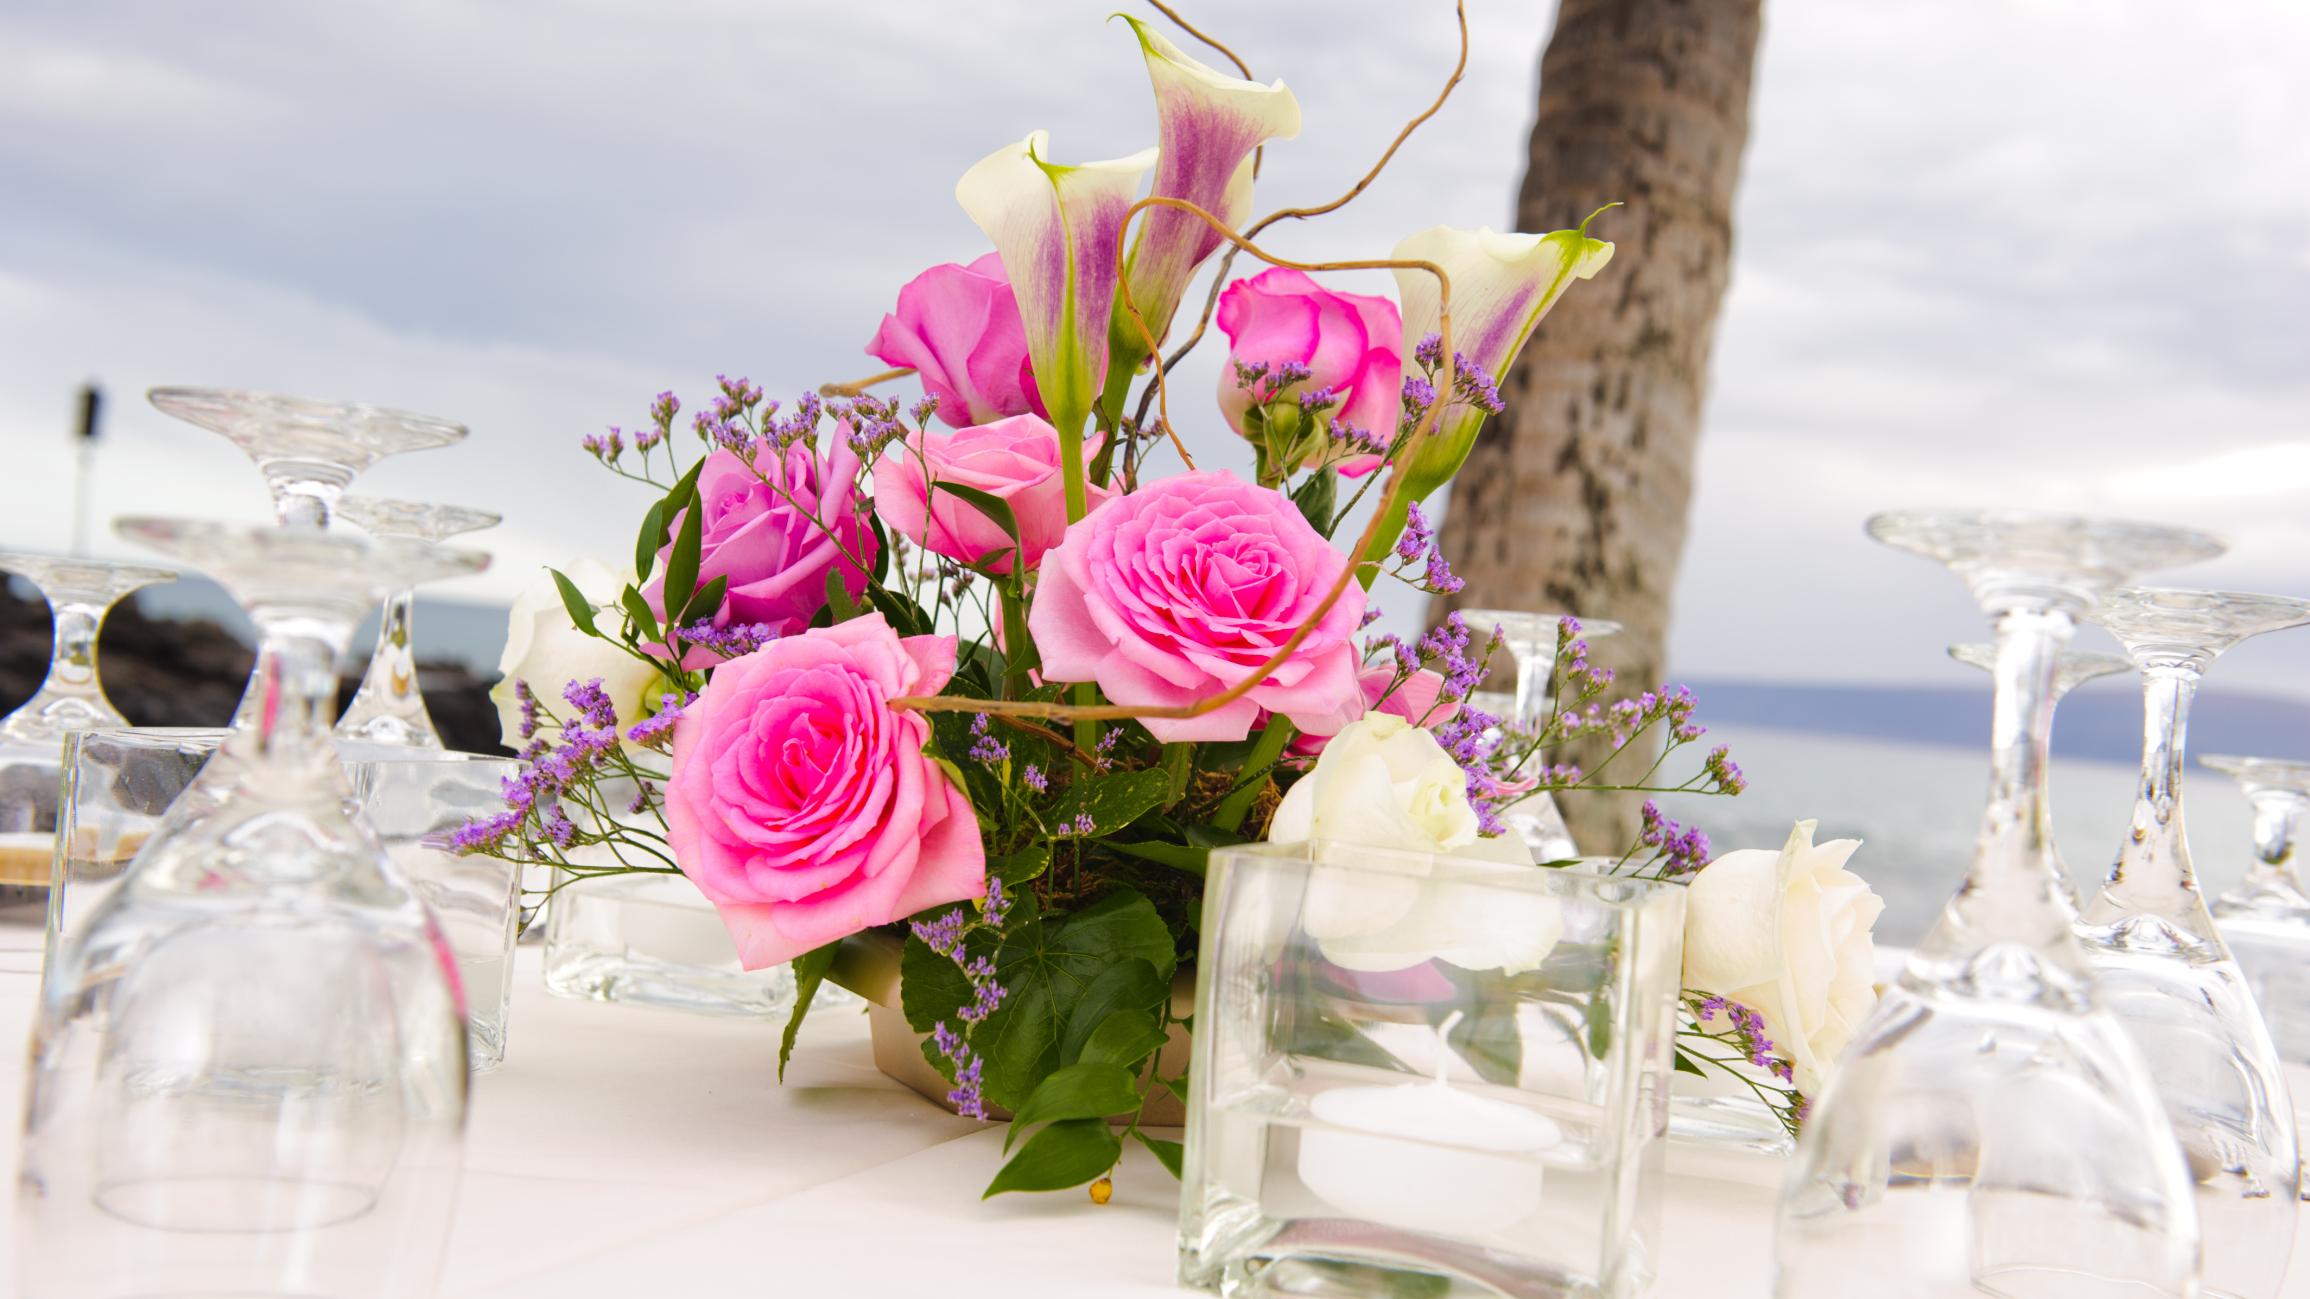 Tutti i consigli per apparecchiare e decorare la tavola con i fiori